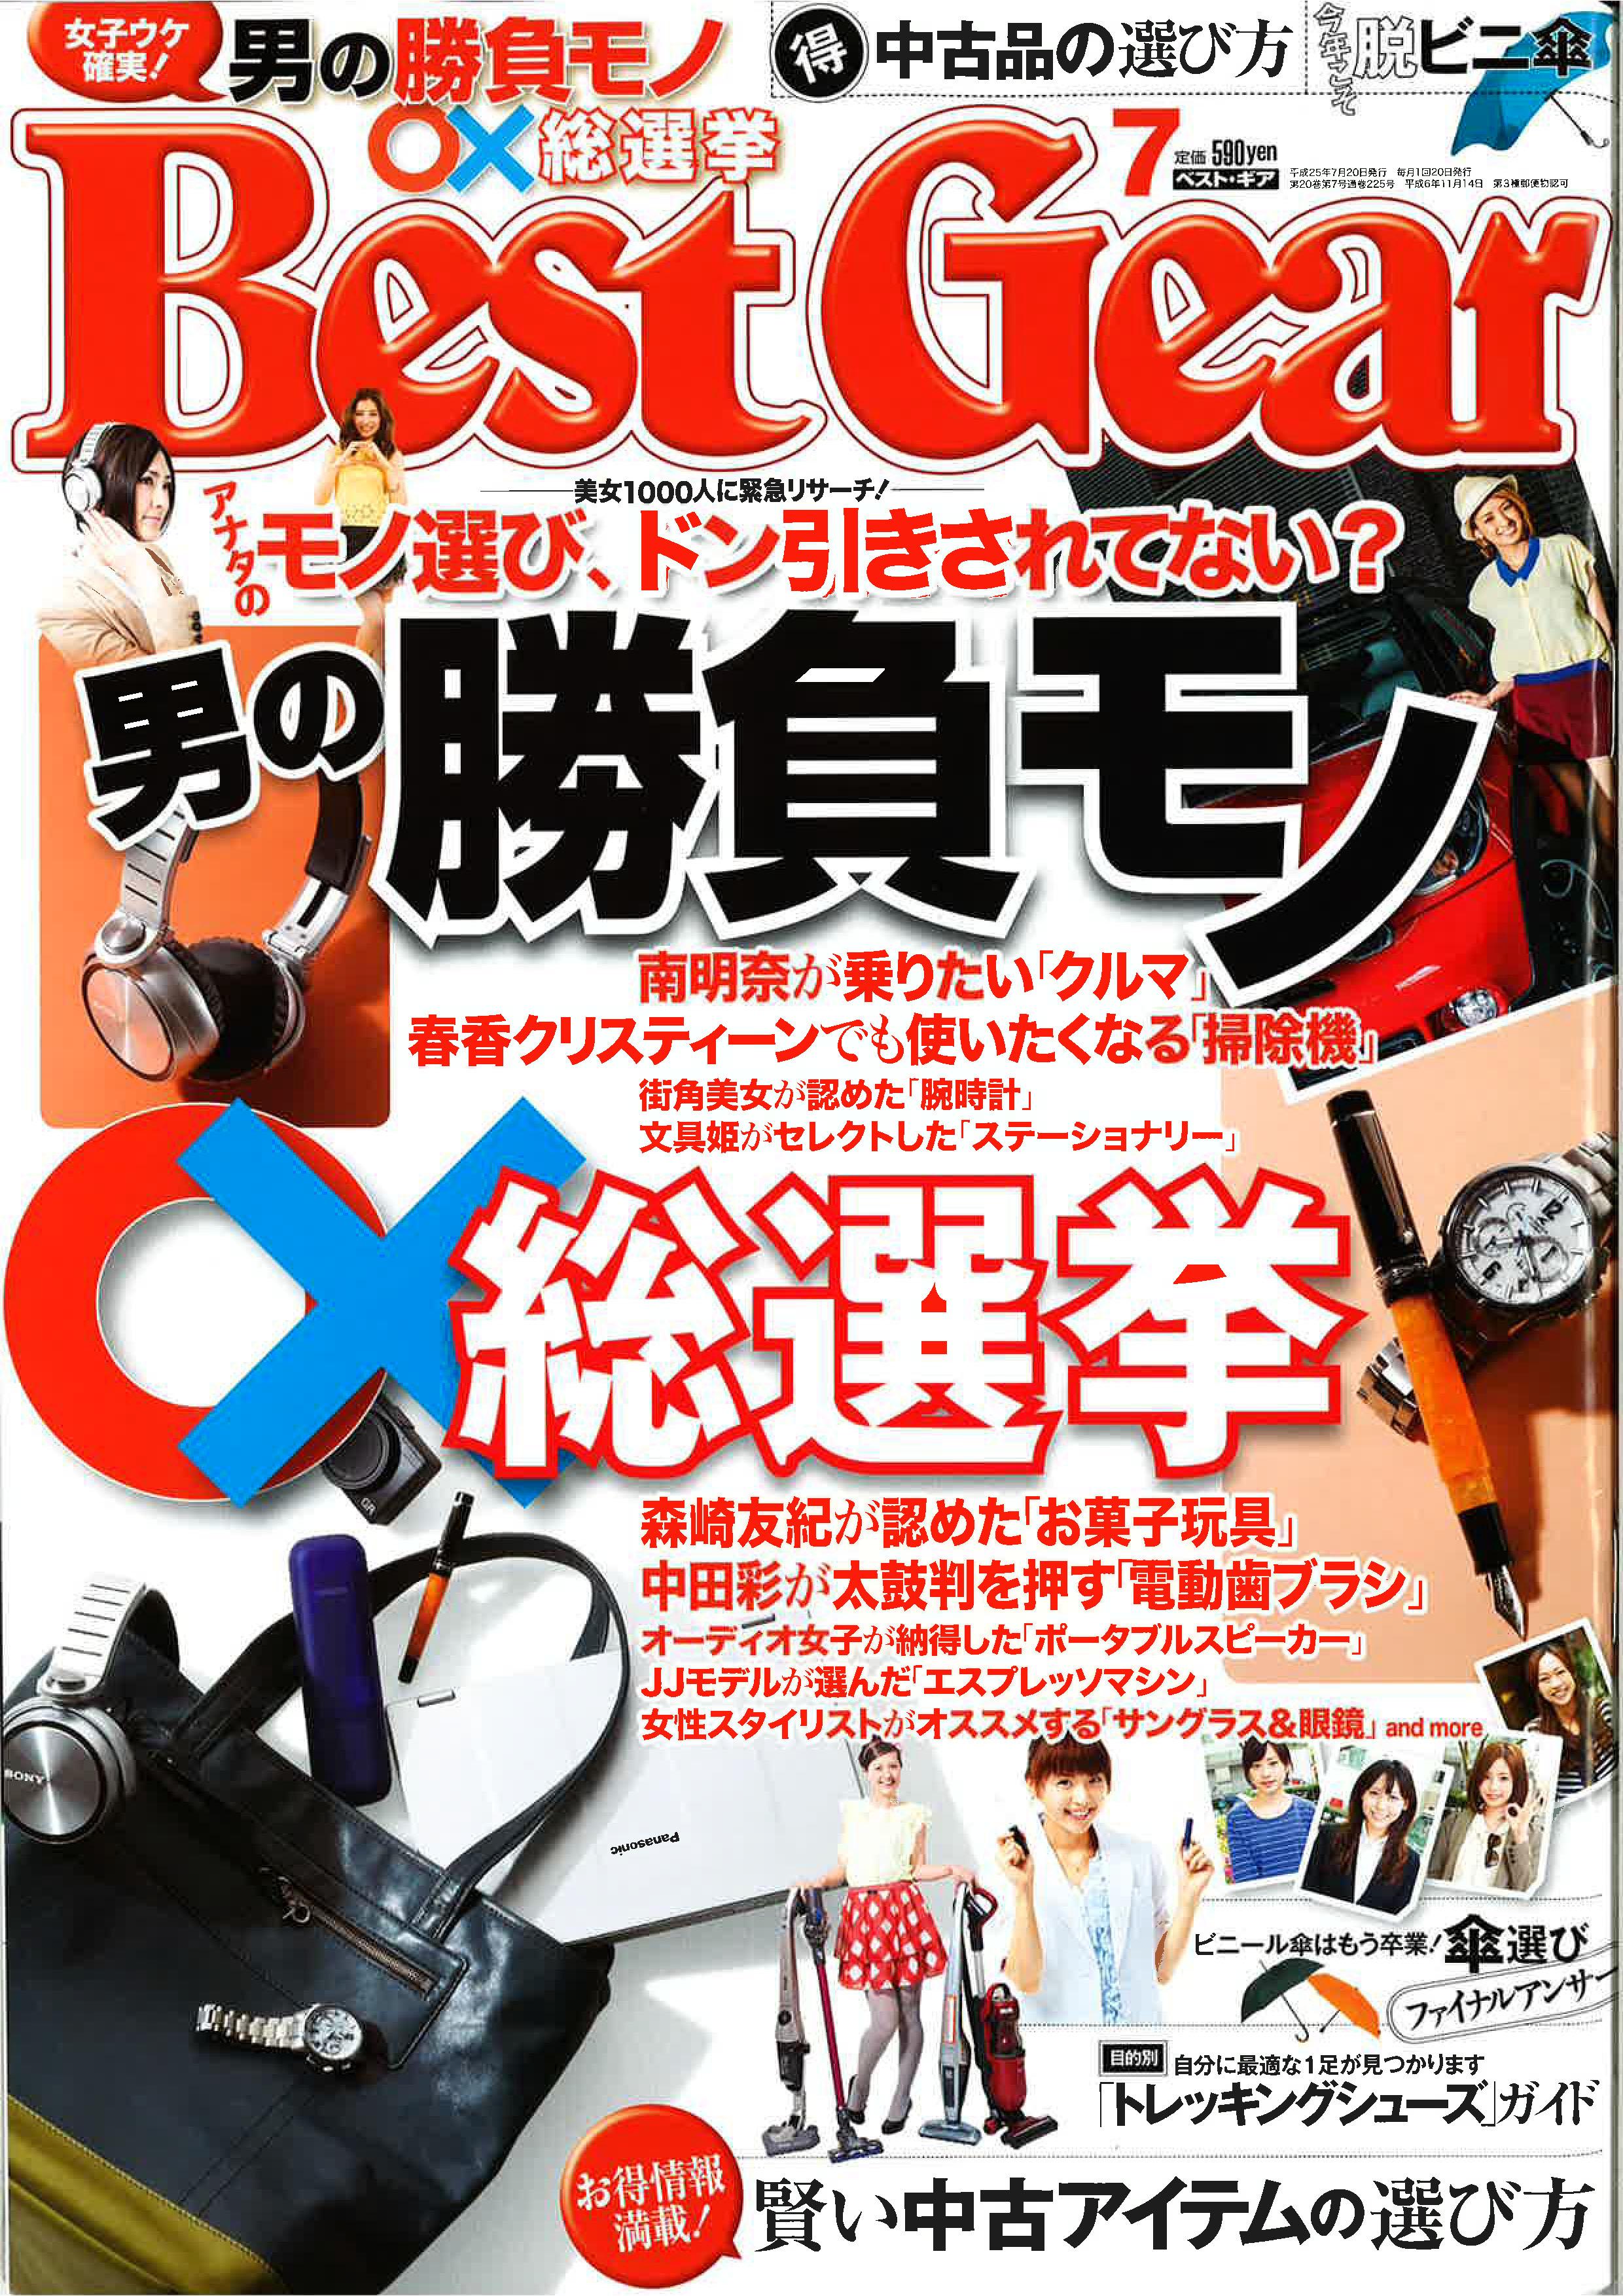 May 2013 Best Gear Japan